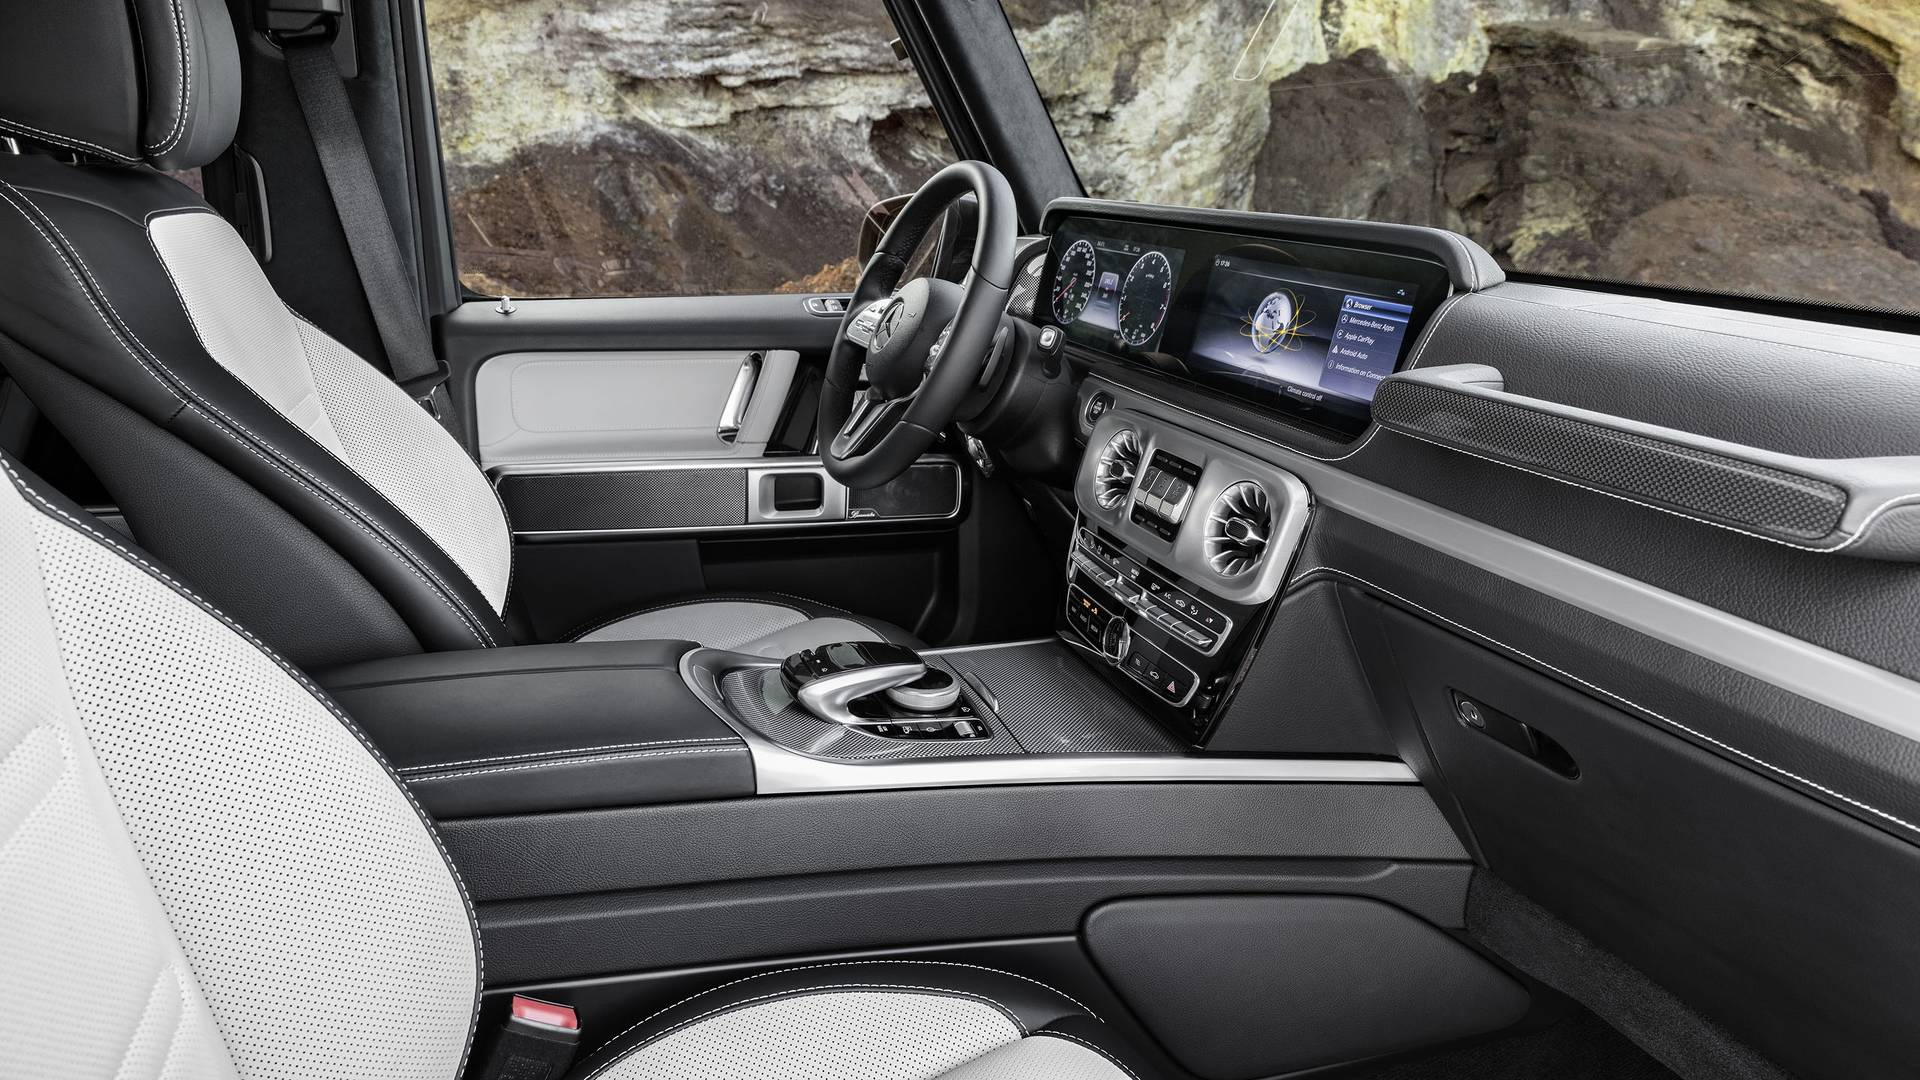 Название: 2019-mercedes-benz-g-class-interior.jpg Просмотров: 70  Размер: 362.8 Кб